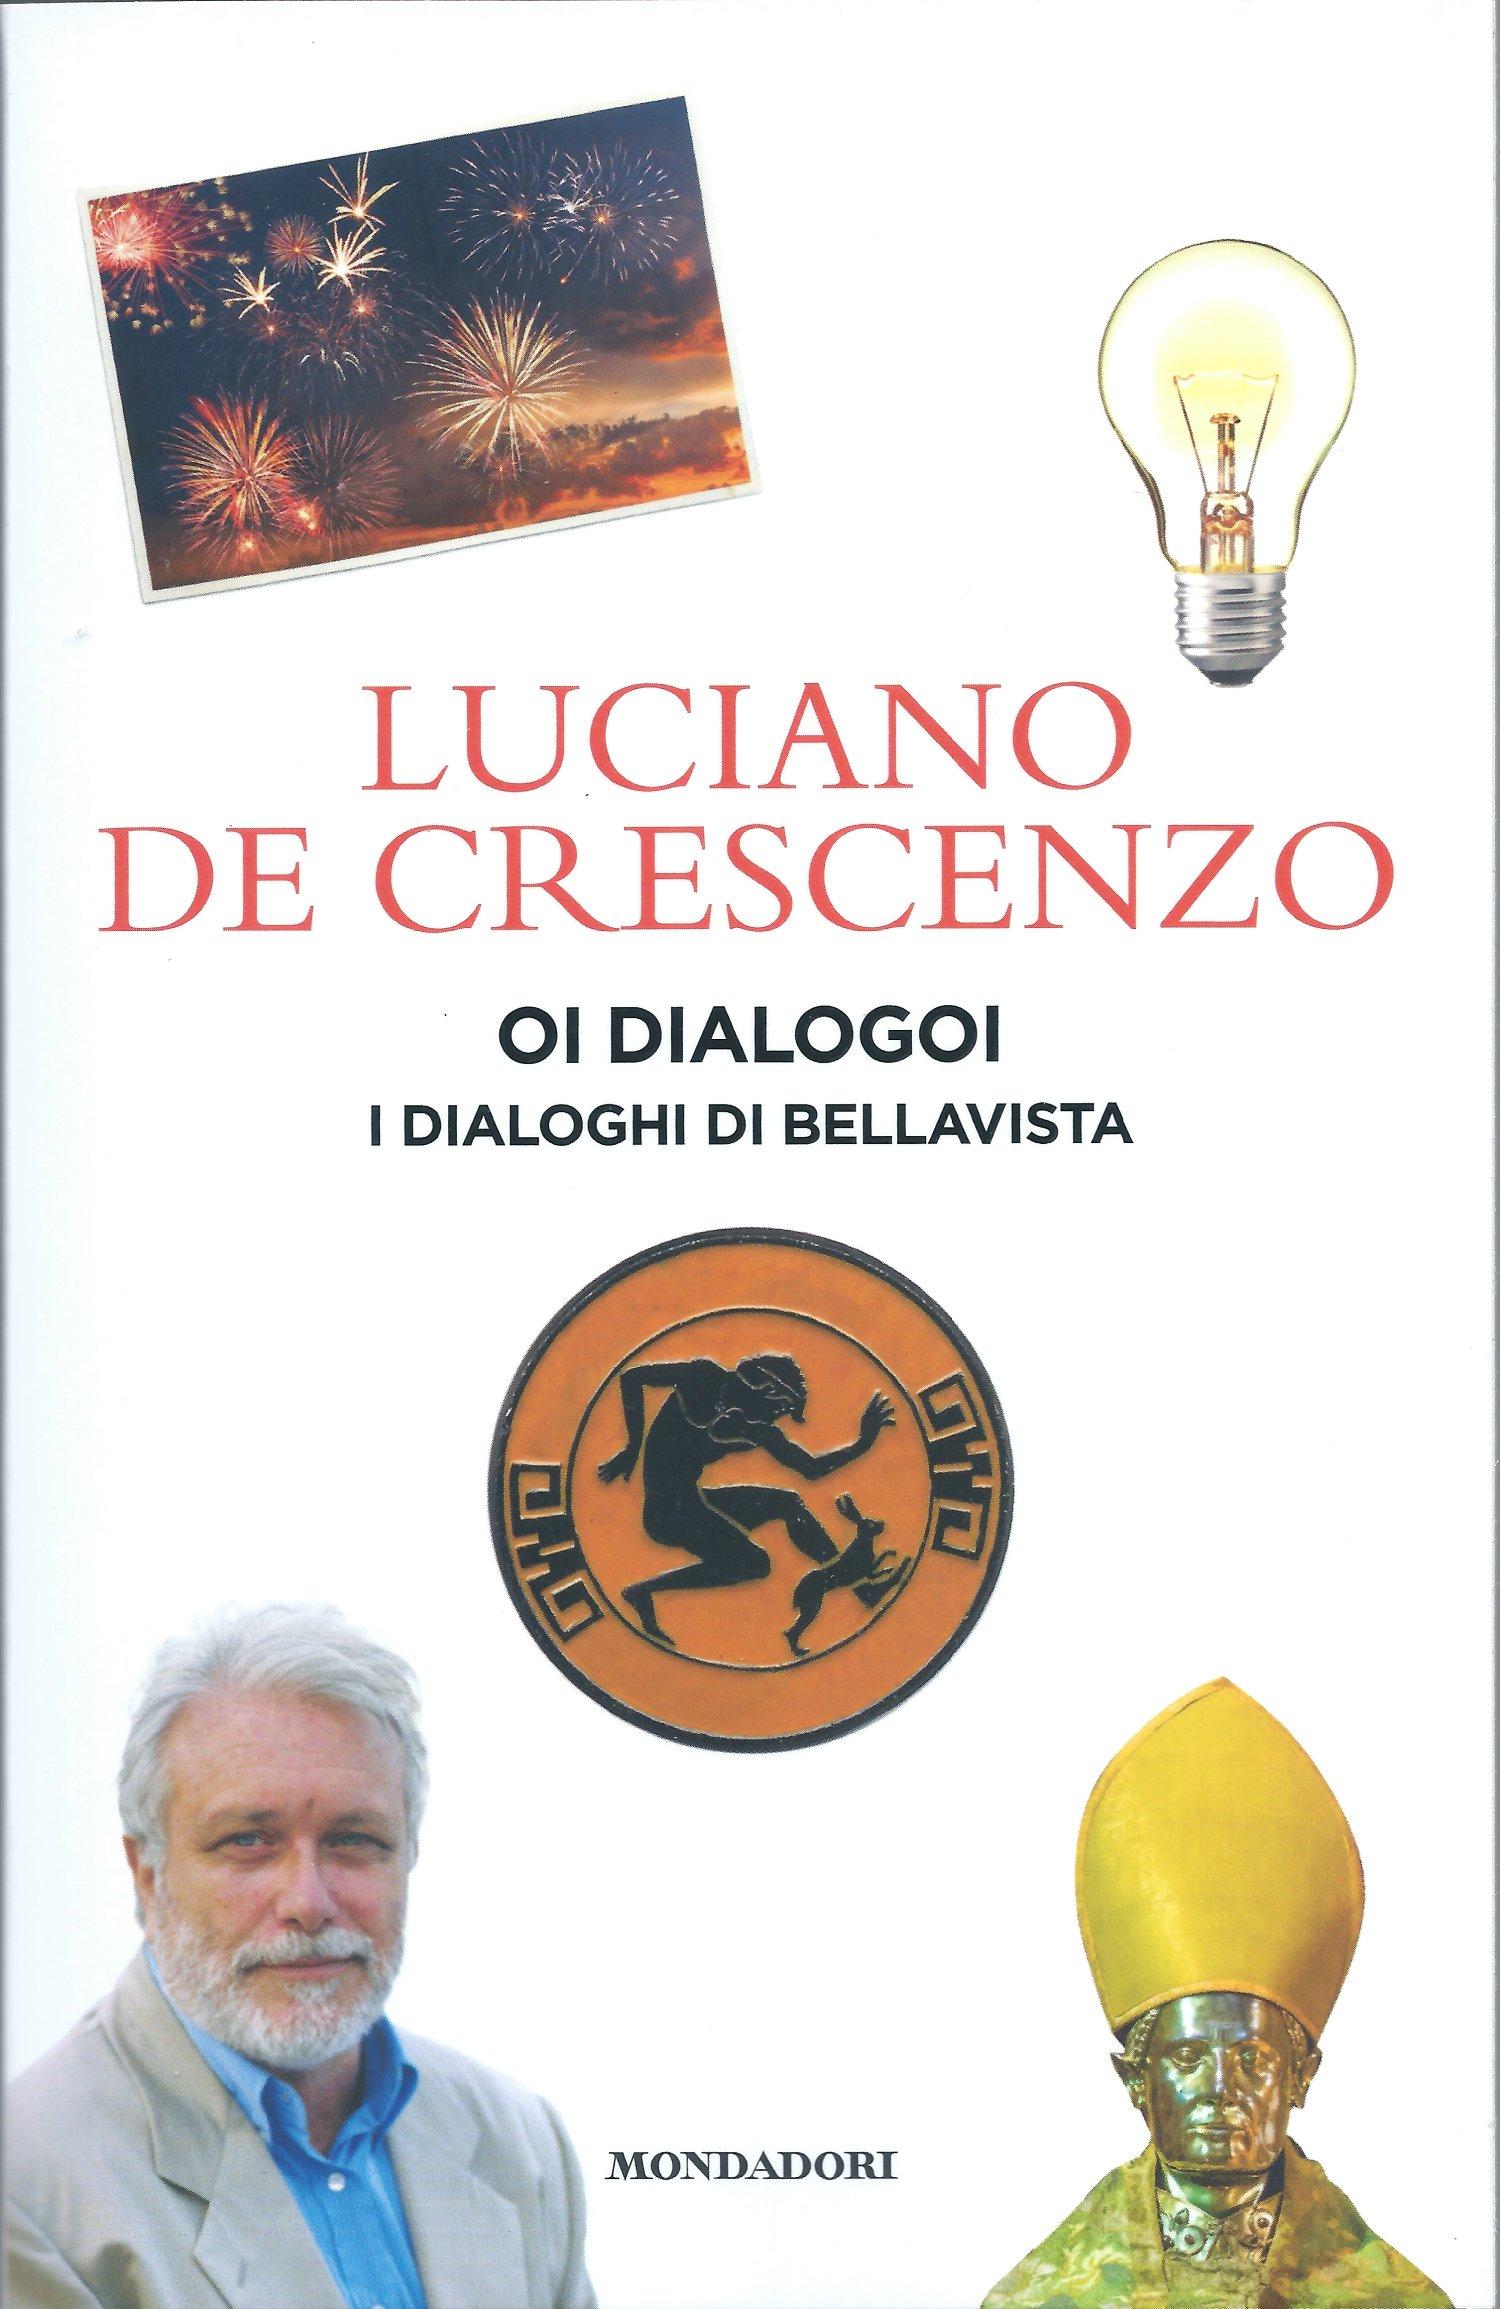 Oi dialogoi - I dialoghi di Bellavista